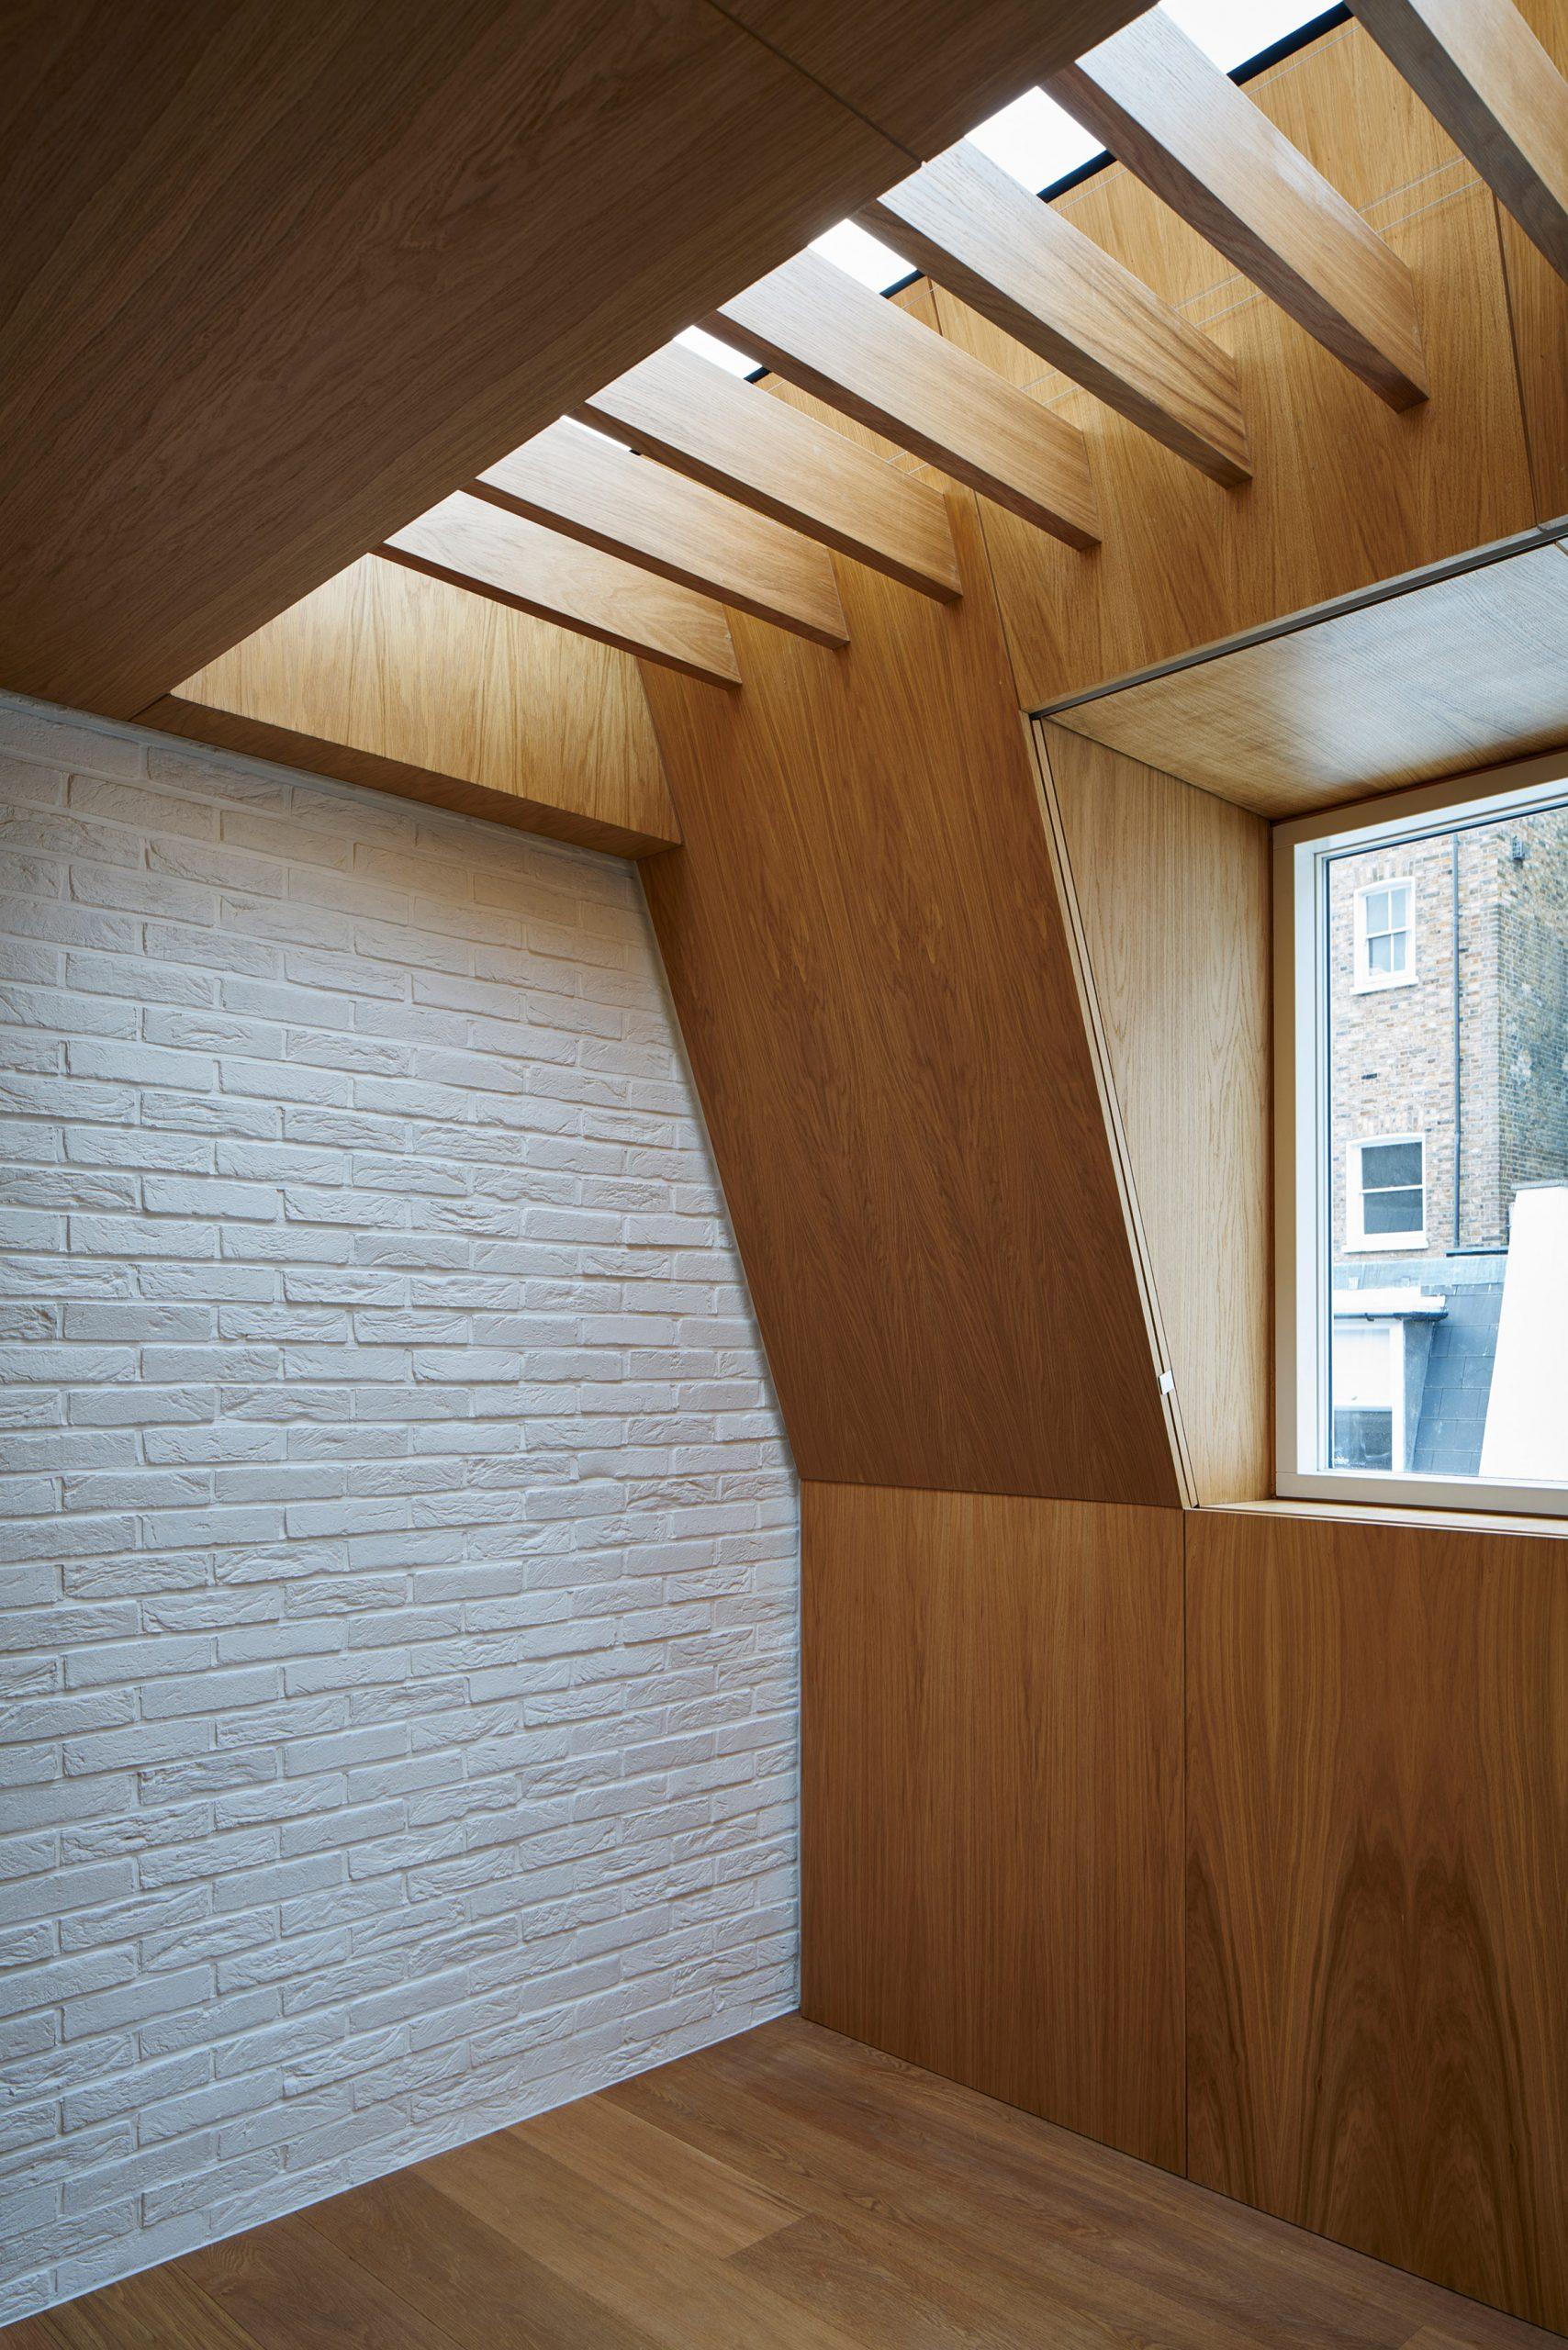 Thiết kế nhà gỗ hiện đại 8